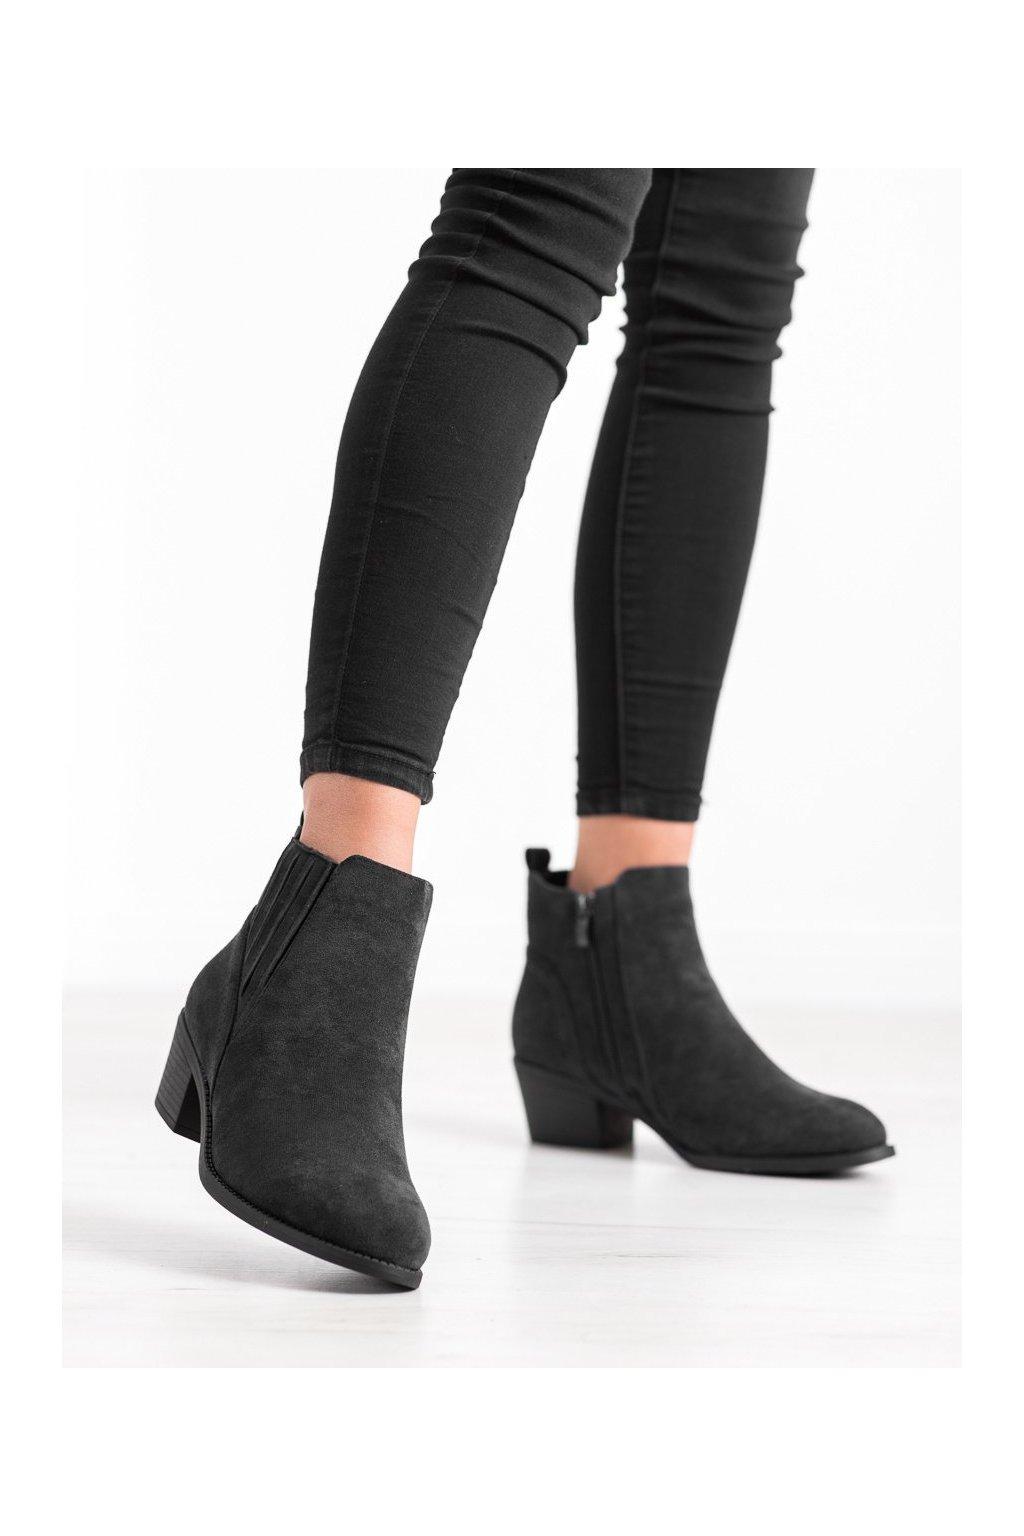 Čierne dámske topánky Camo kod 2411B